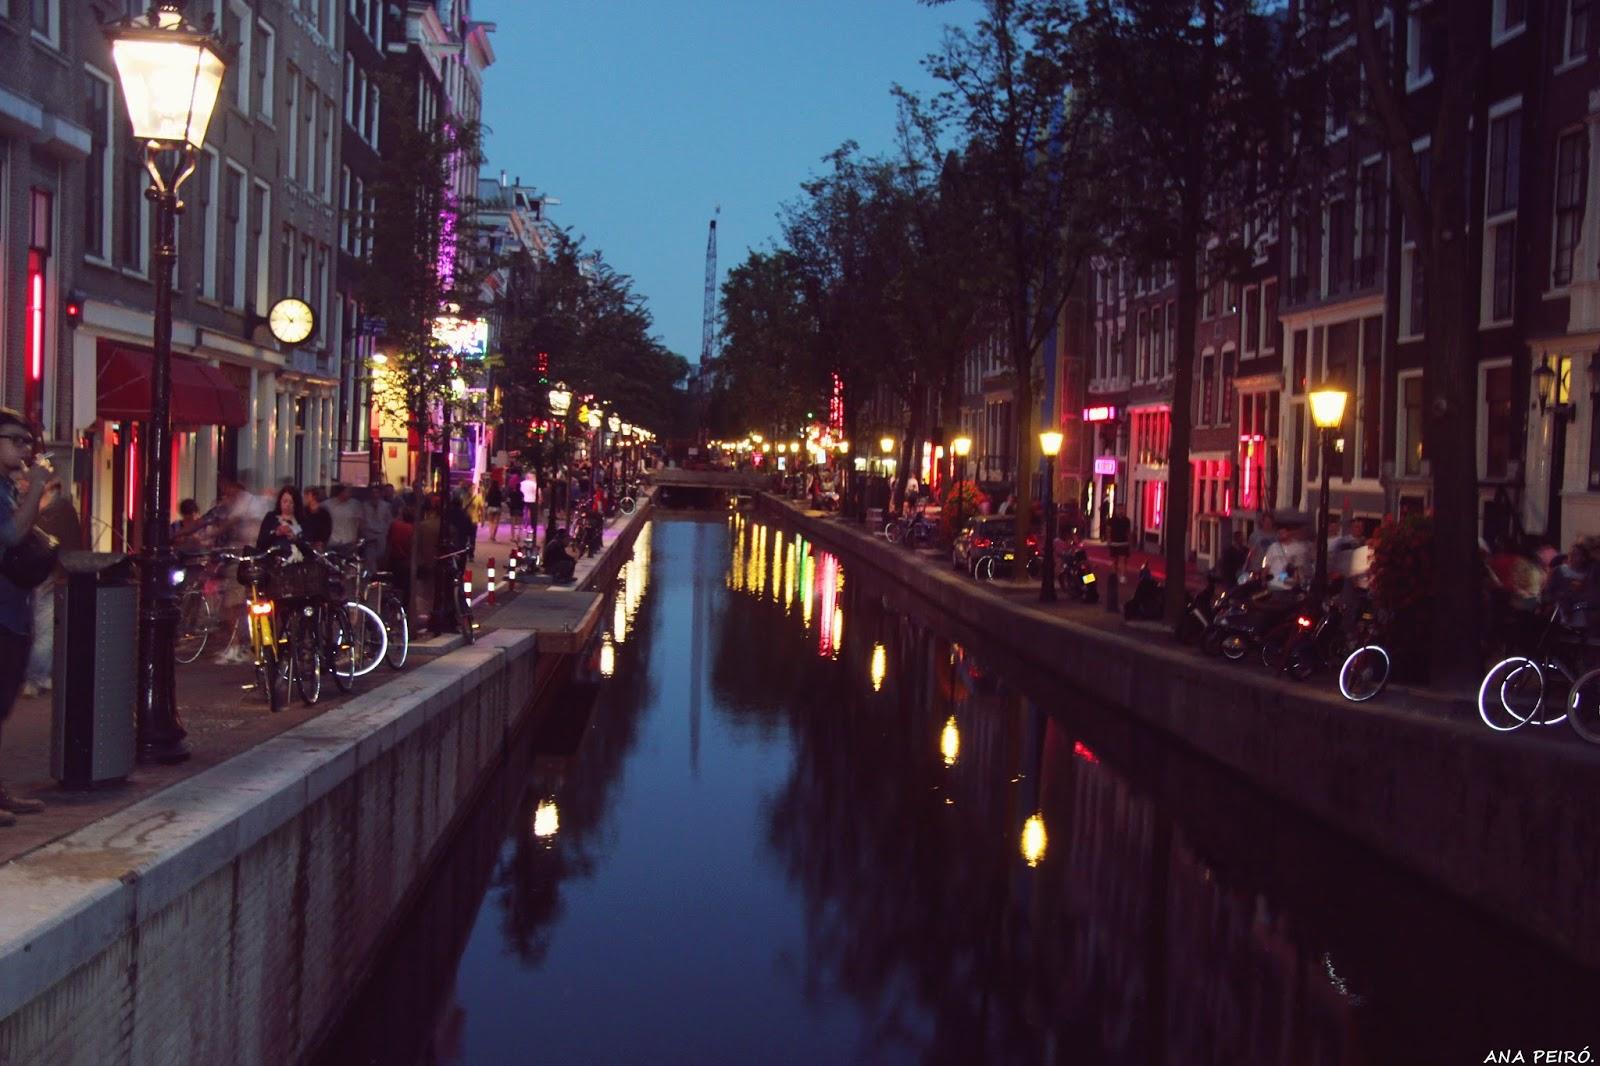 prostitutas follando calle prostitutas barrio rojo amsterdam